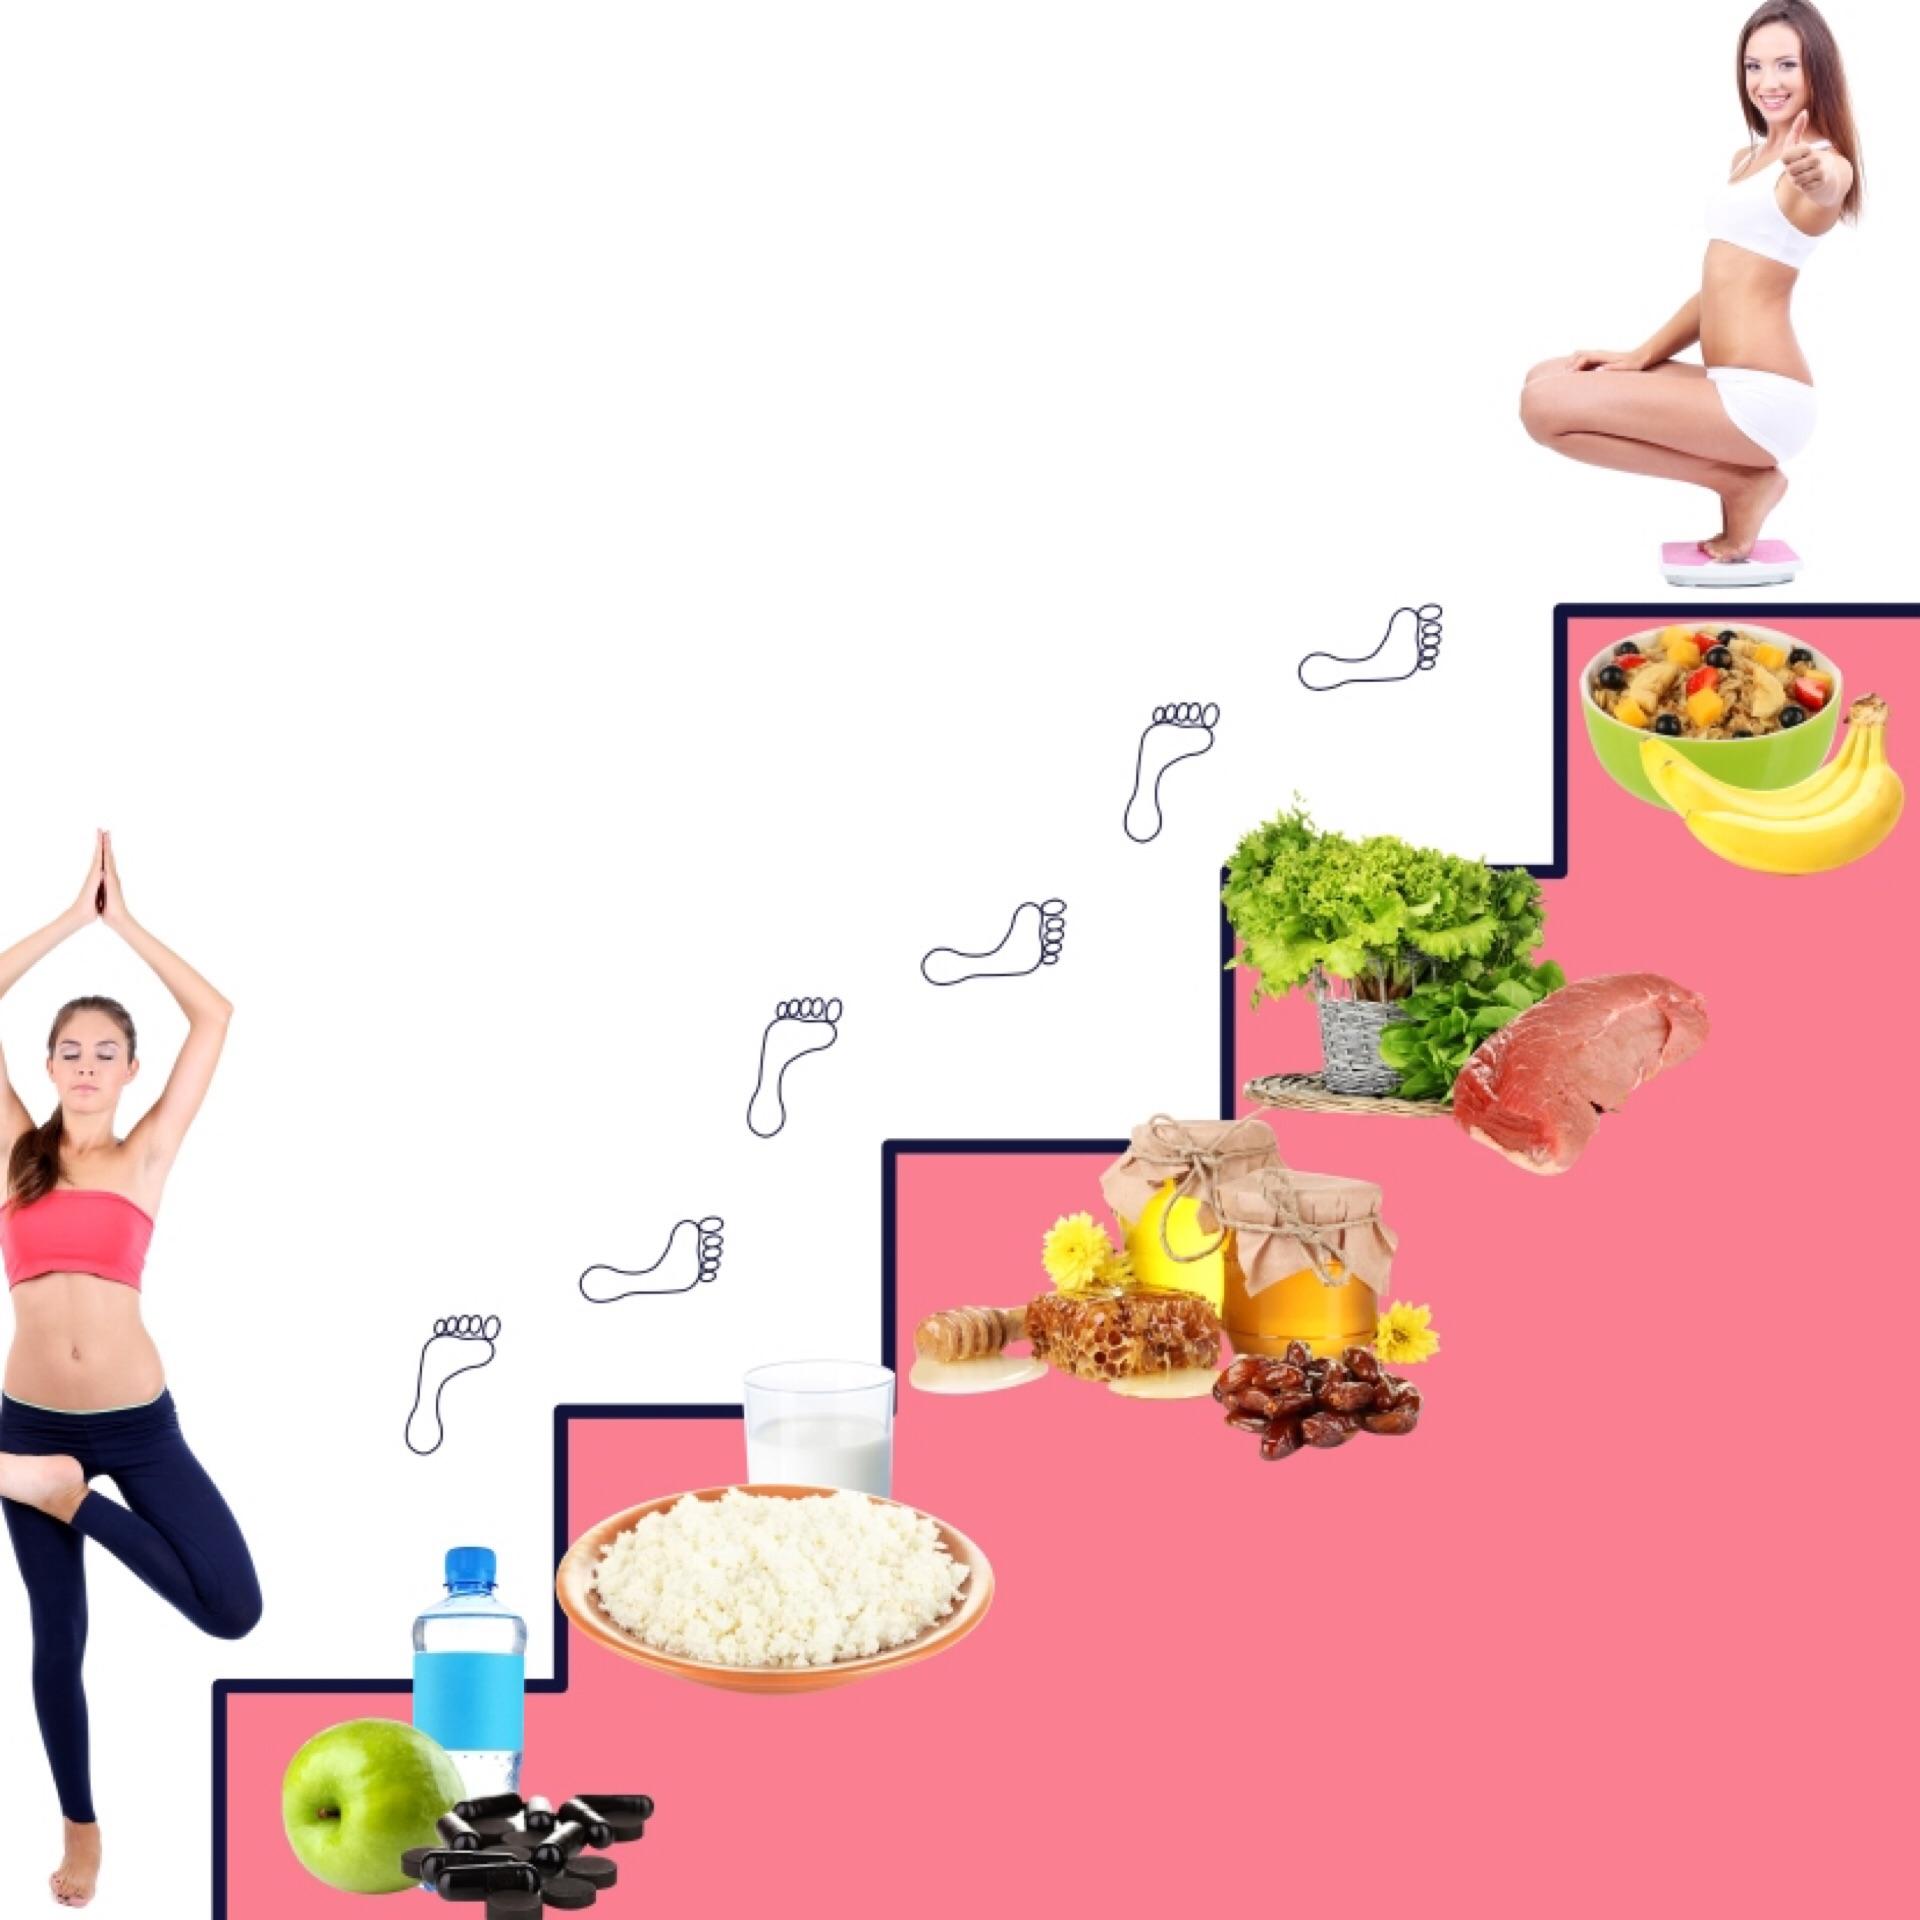 Похудела на диете лесенка